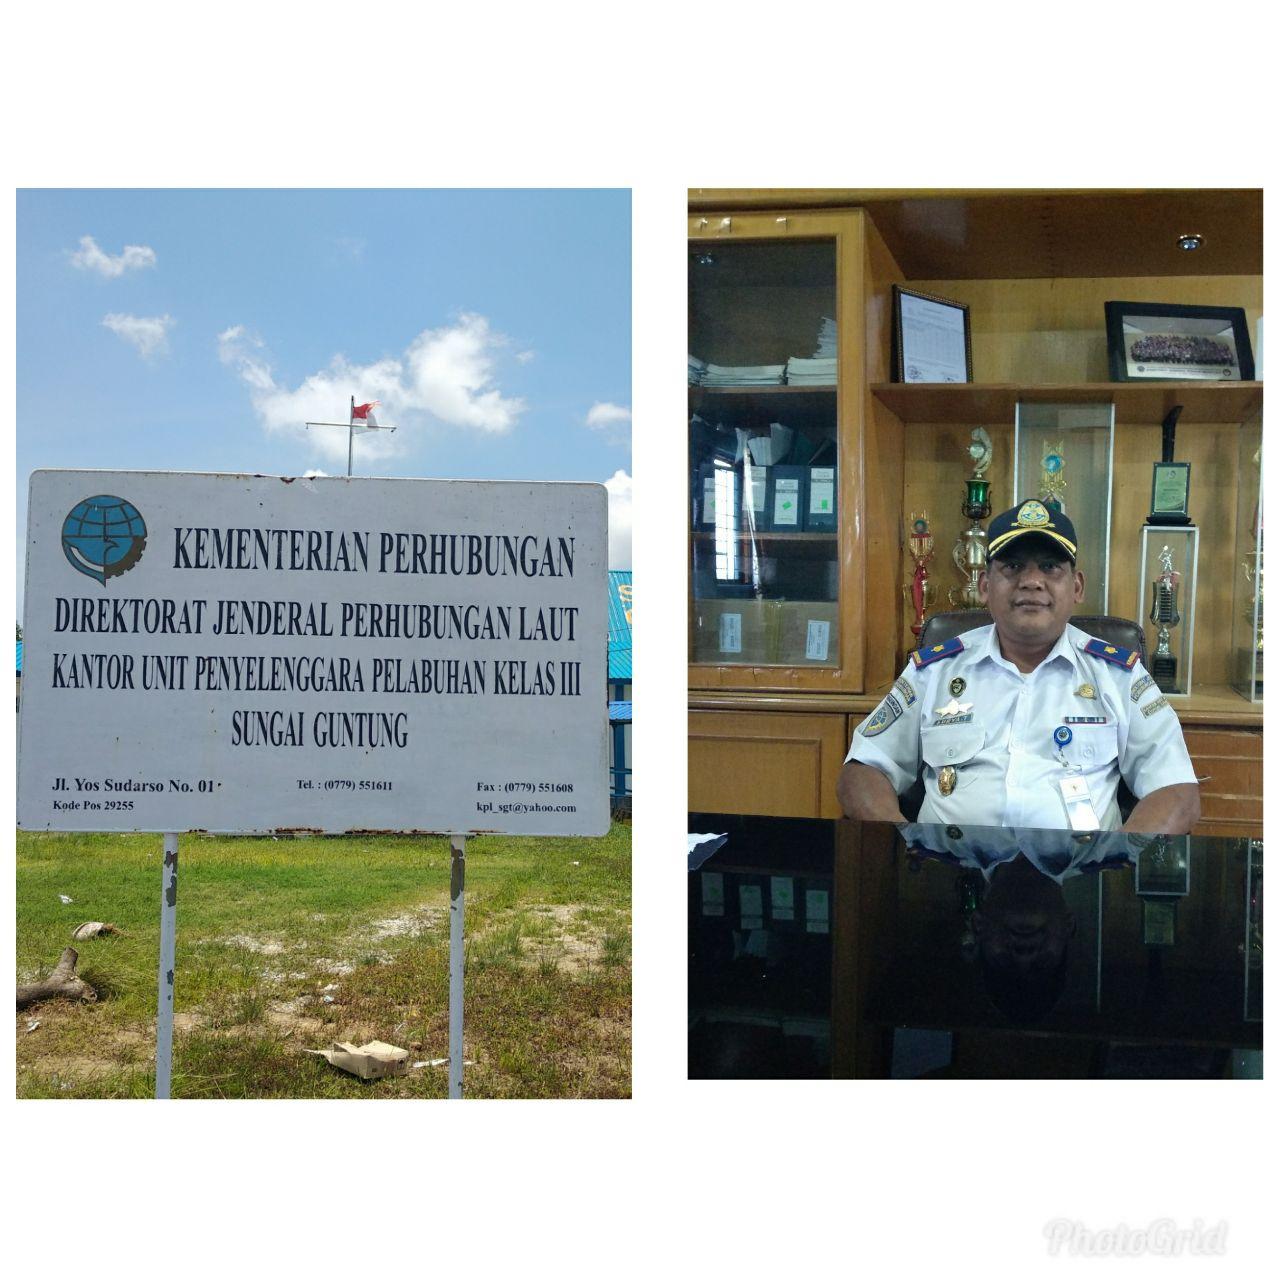 Kepala Syahbandar Sungai Guntung Pelabuhan Hk Itu Tidak Ada Yang Tcash Vaganza 18 Nabi Matte Long Lasting Lip Gloss Puterariaucom